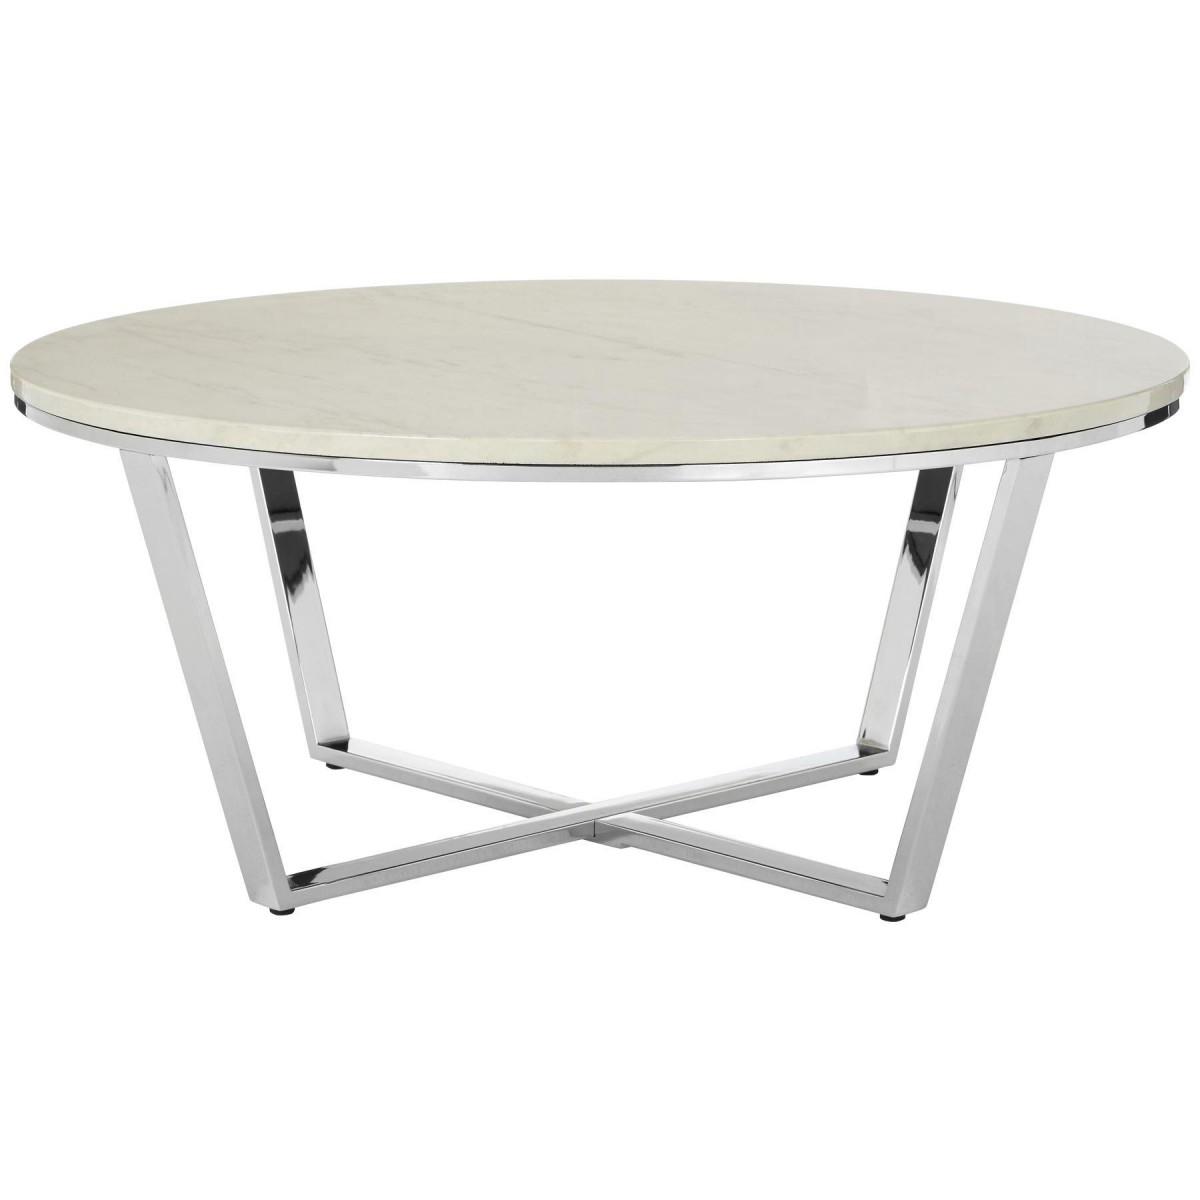 Premium Round Coffee Table White Faux Marble Chrome